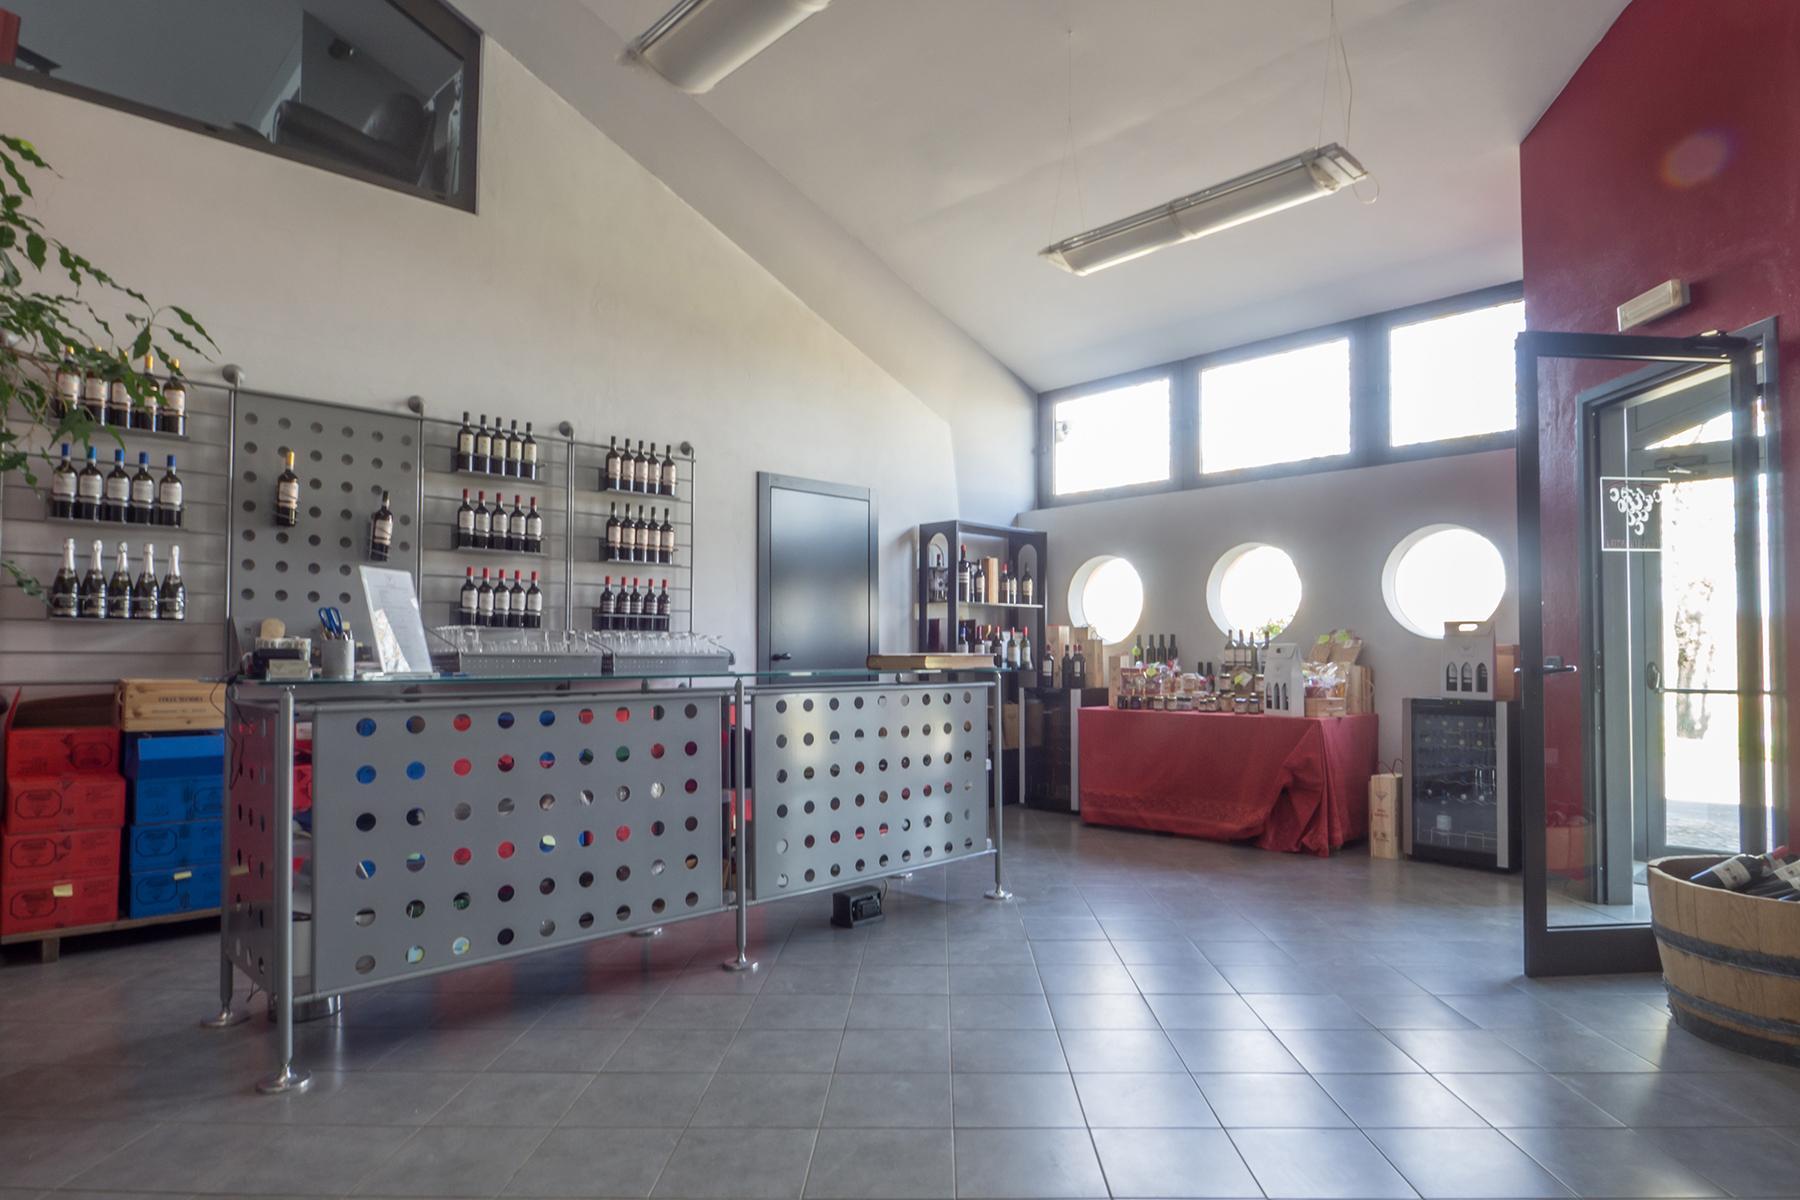 Meravigliosa azienda vitivinicola nel cuore del Monferrato - 11